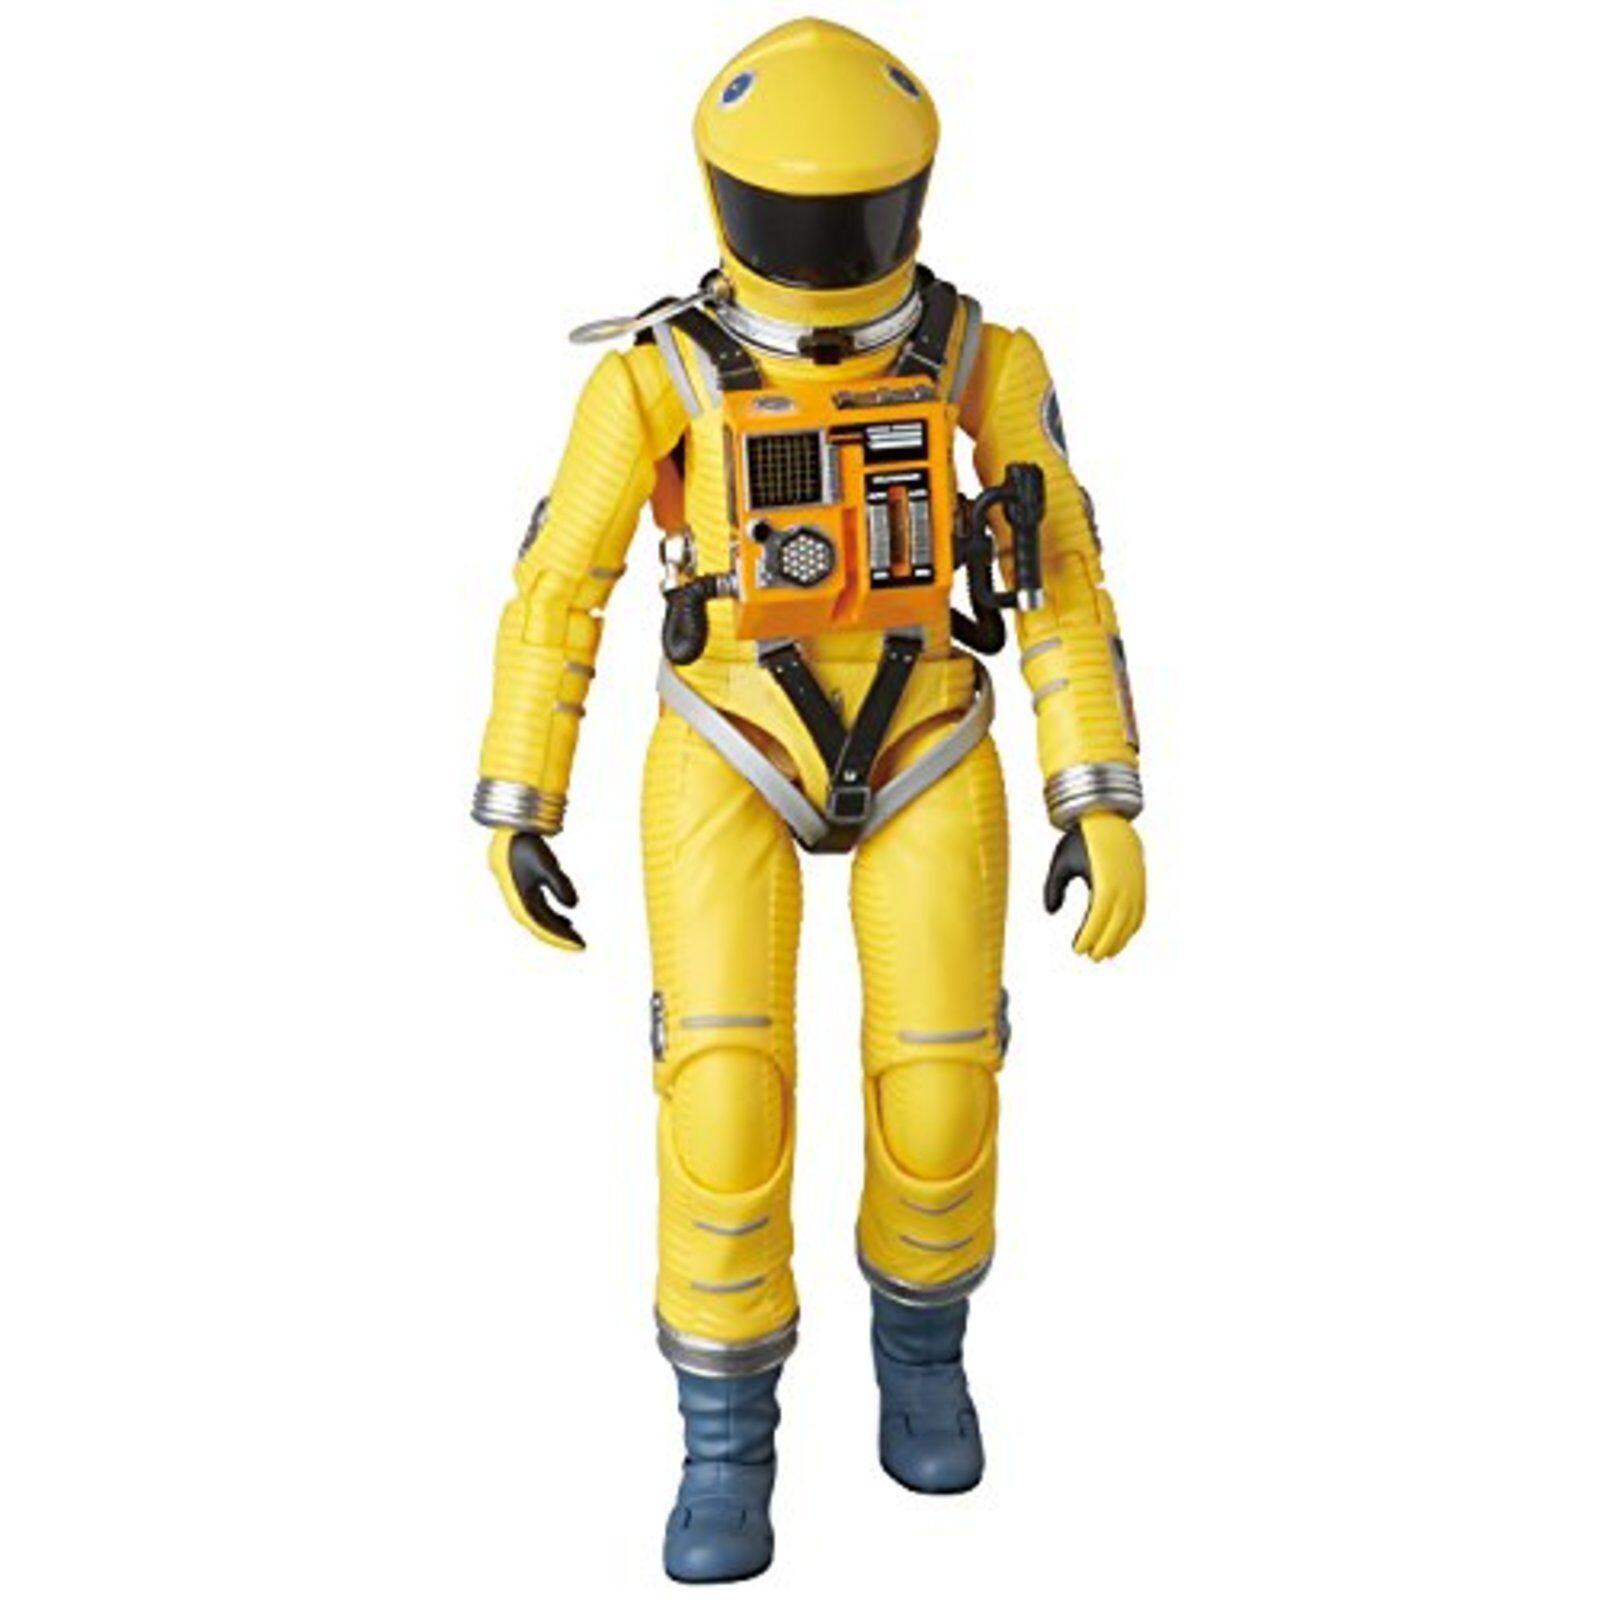 Madison Juguete marfix Aerospace version amarilla.2001  Diagrama de movimiento de sapsey (f   s)